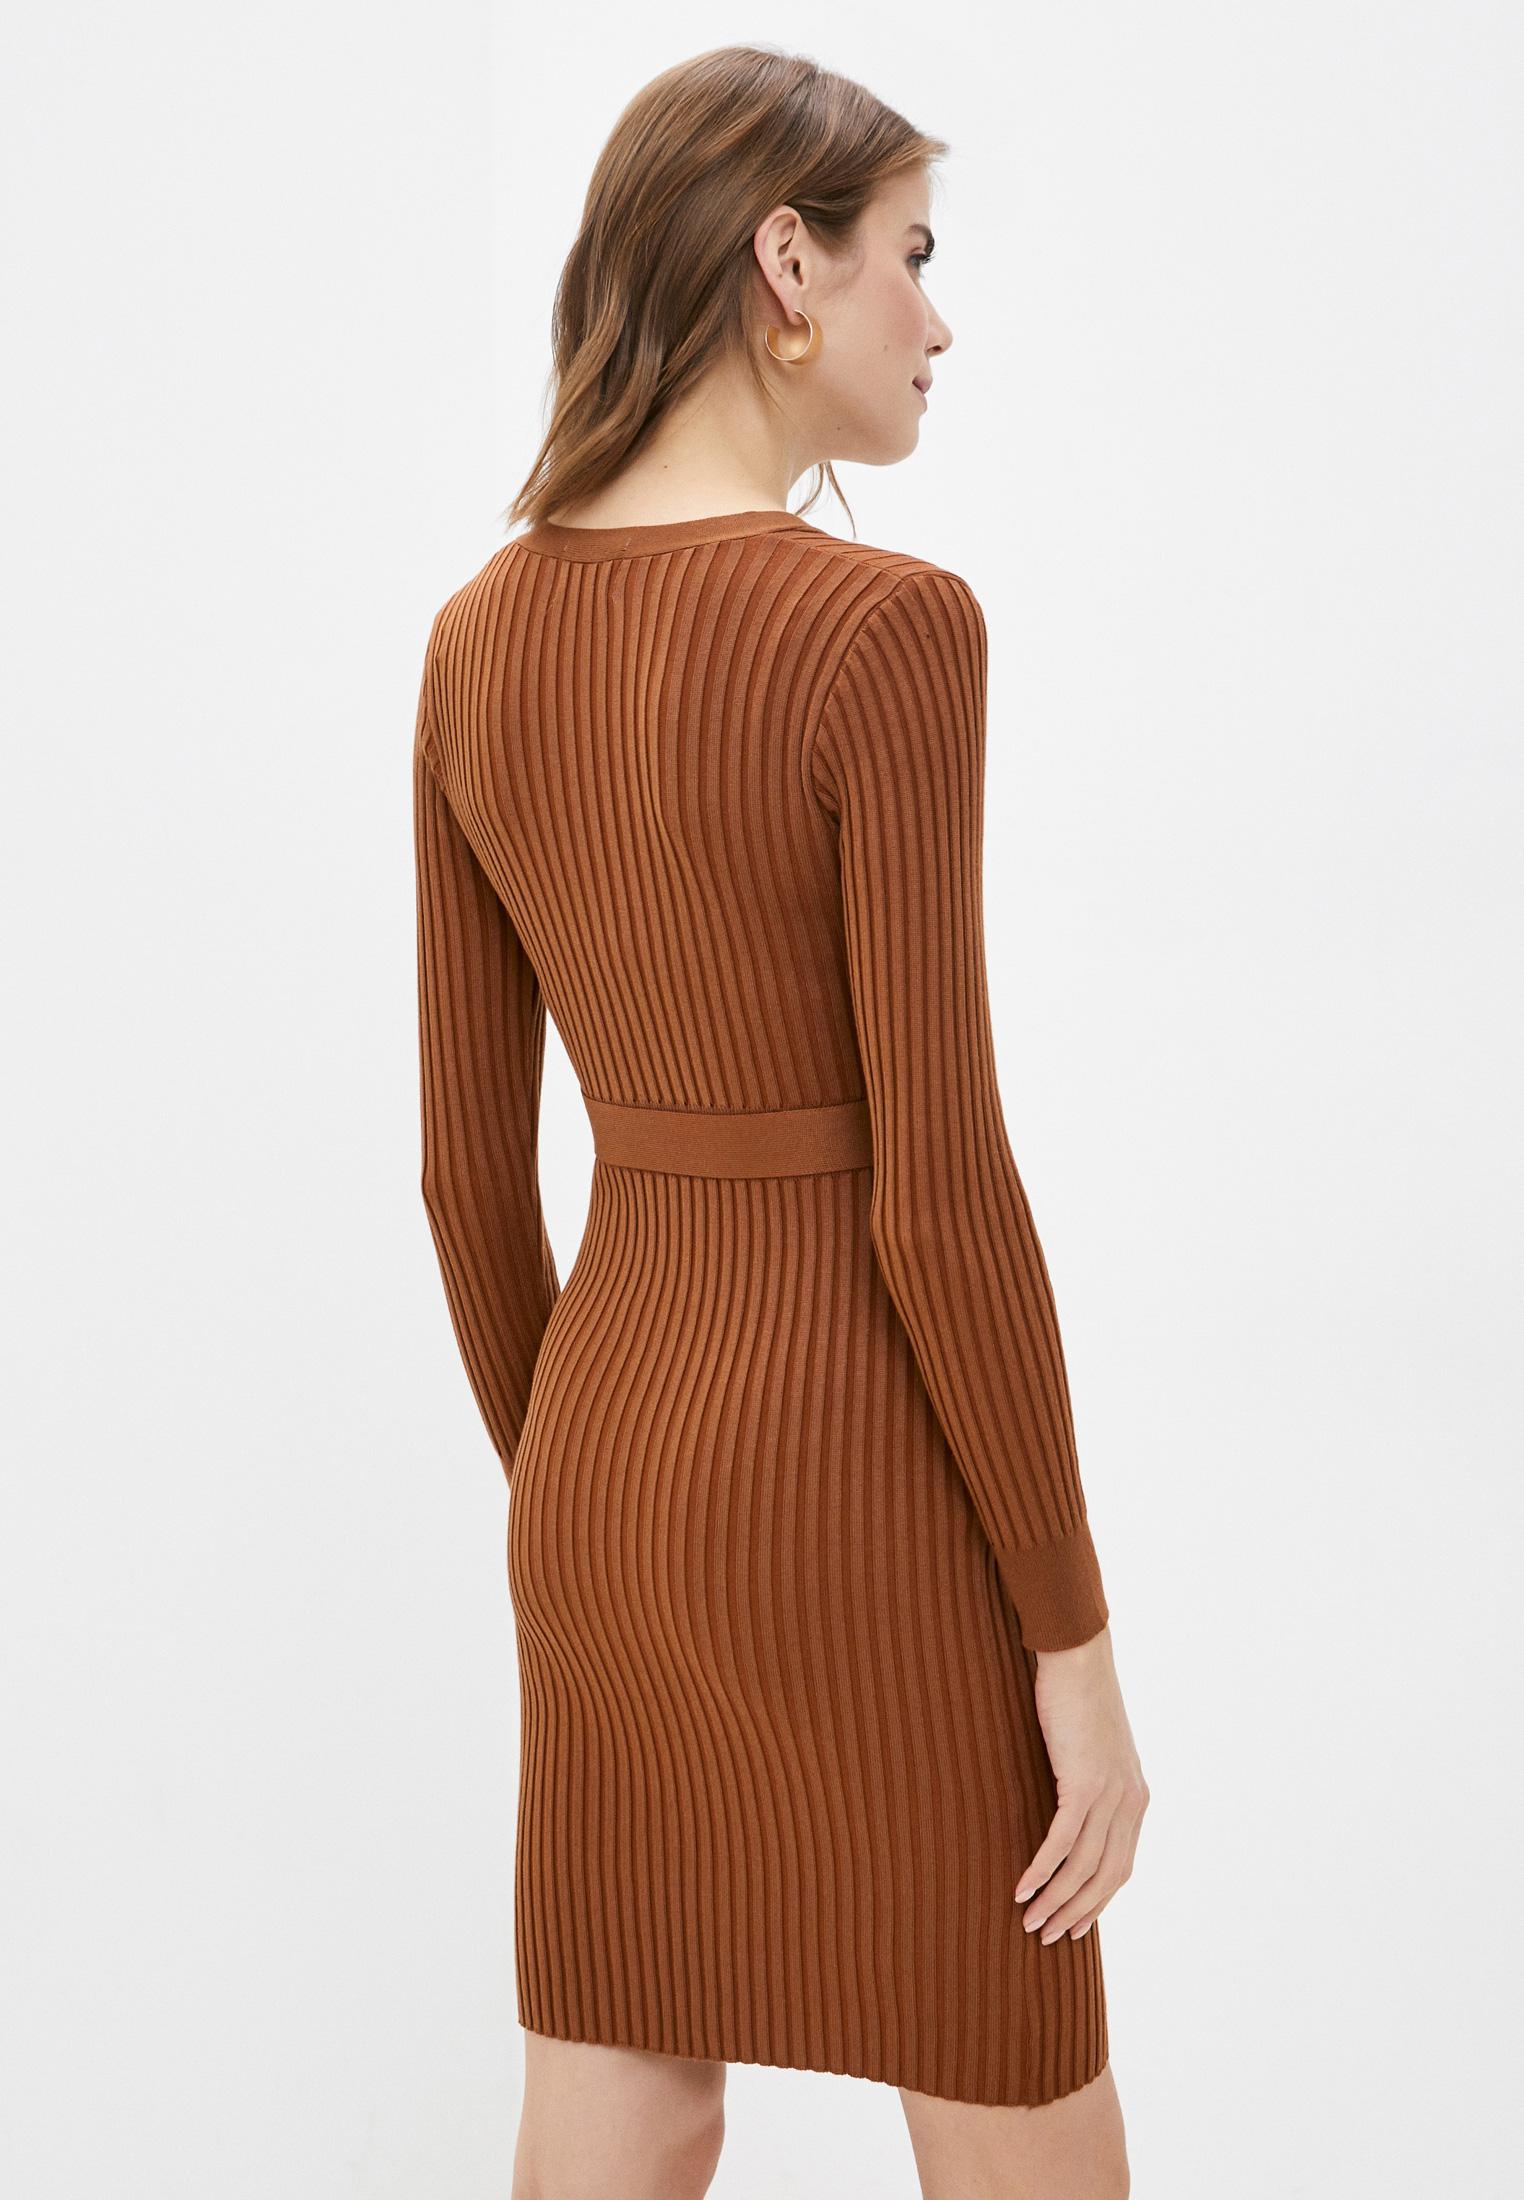 Вязаное платье Bigtora 9966: изображение 3